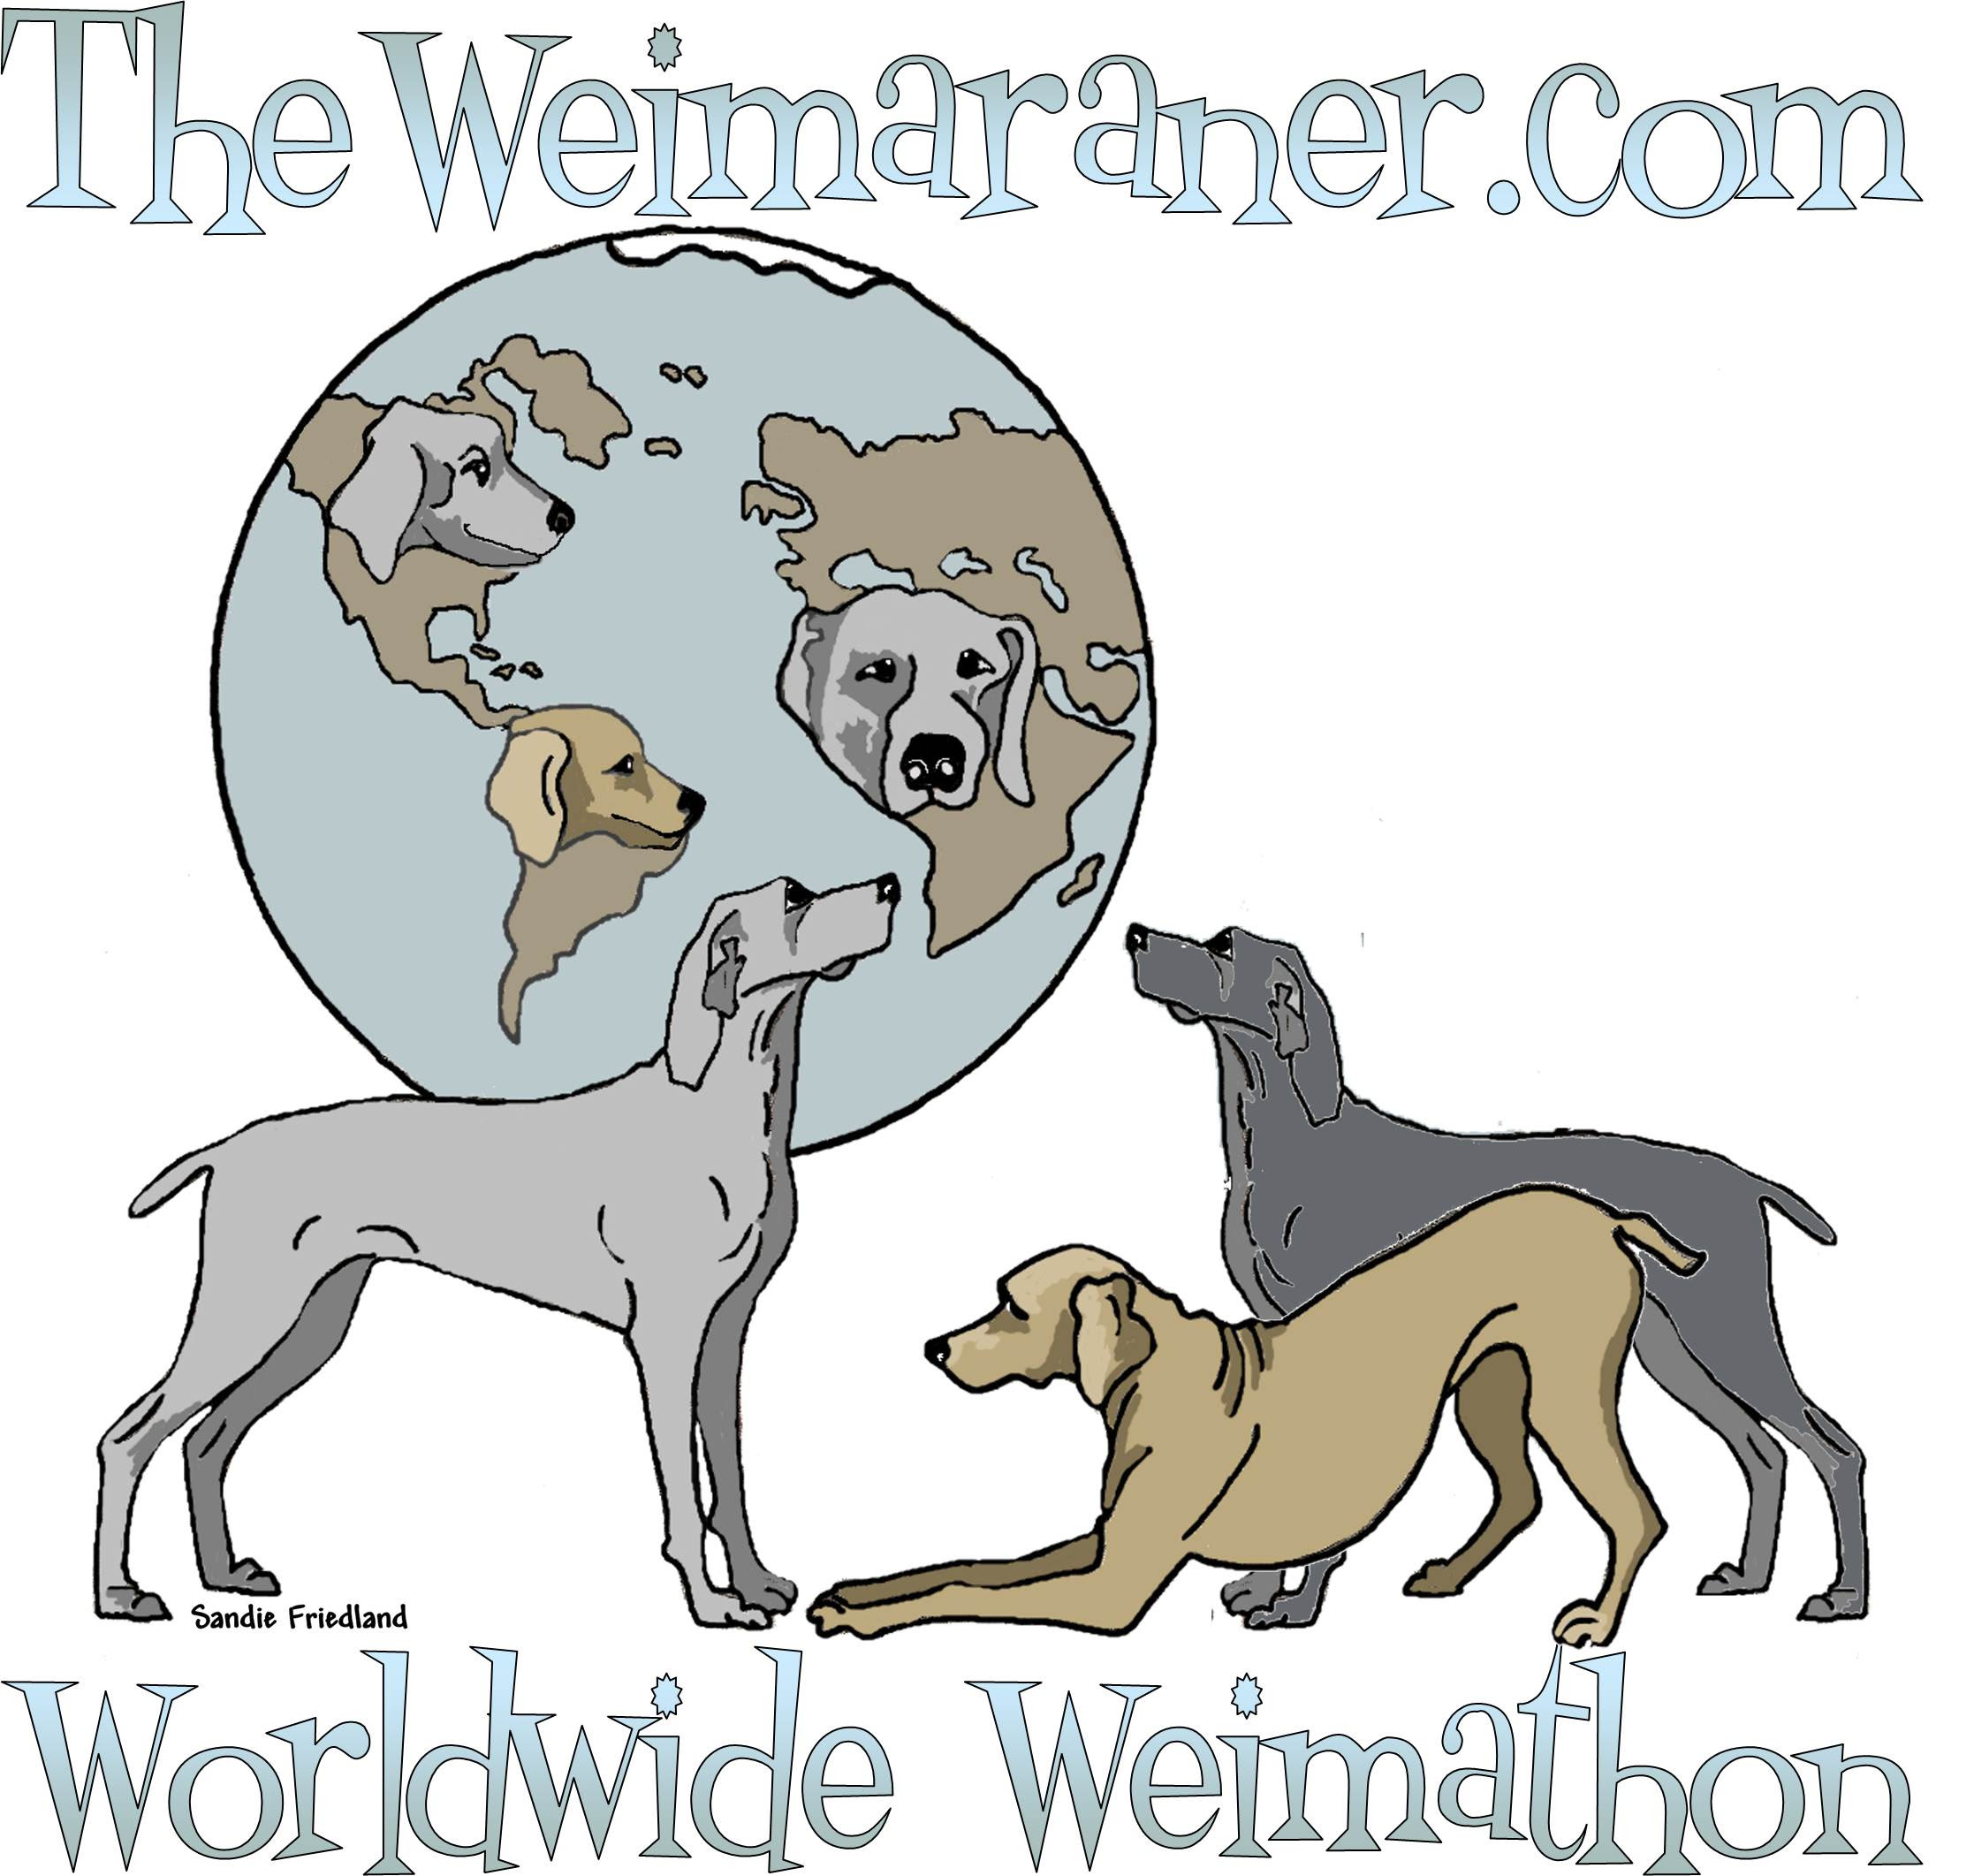 TheWeimaranerWeimathon1